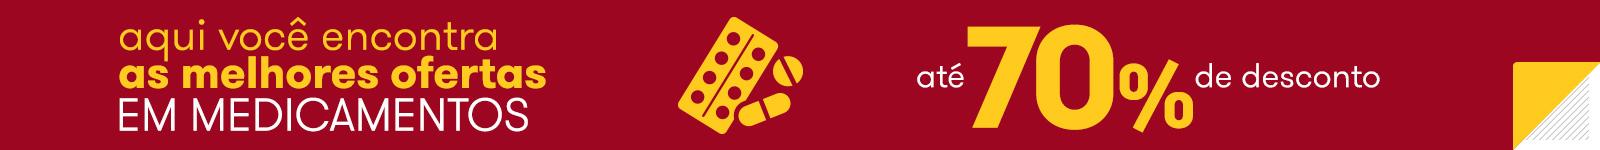 medicamentos 70off